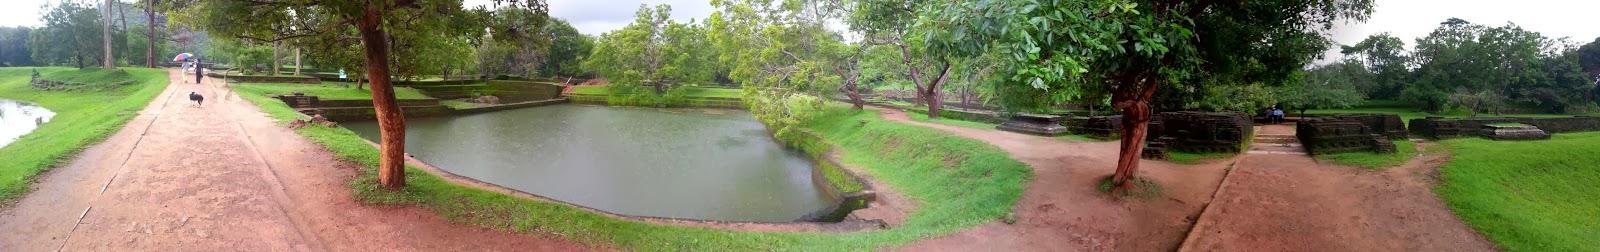 Сигирия Водяные Сады, Шри-Ланка, фото панорама высокого качества, дорога, водоемы, террасы